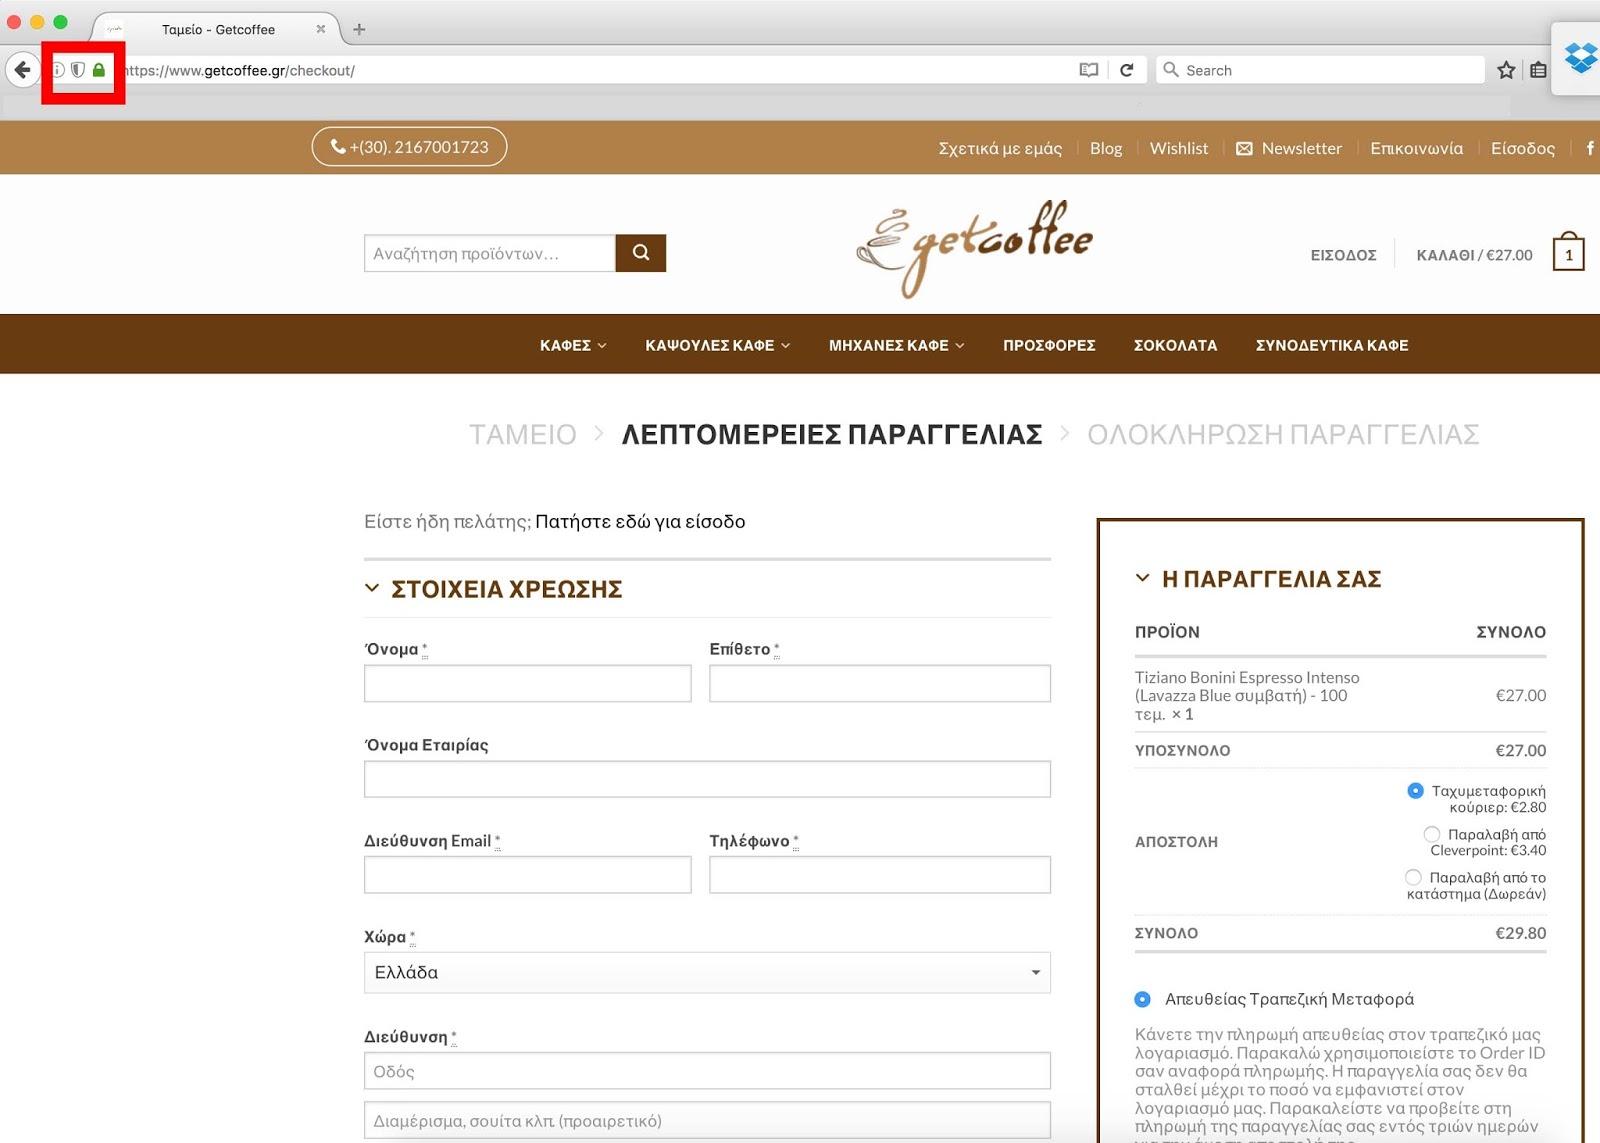 Διαδικτυακές ιστοσελίδες γνωριμιών δεν απαιτείται πιστωτική κάρτα